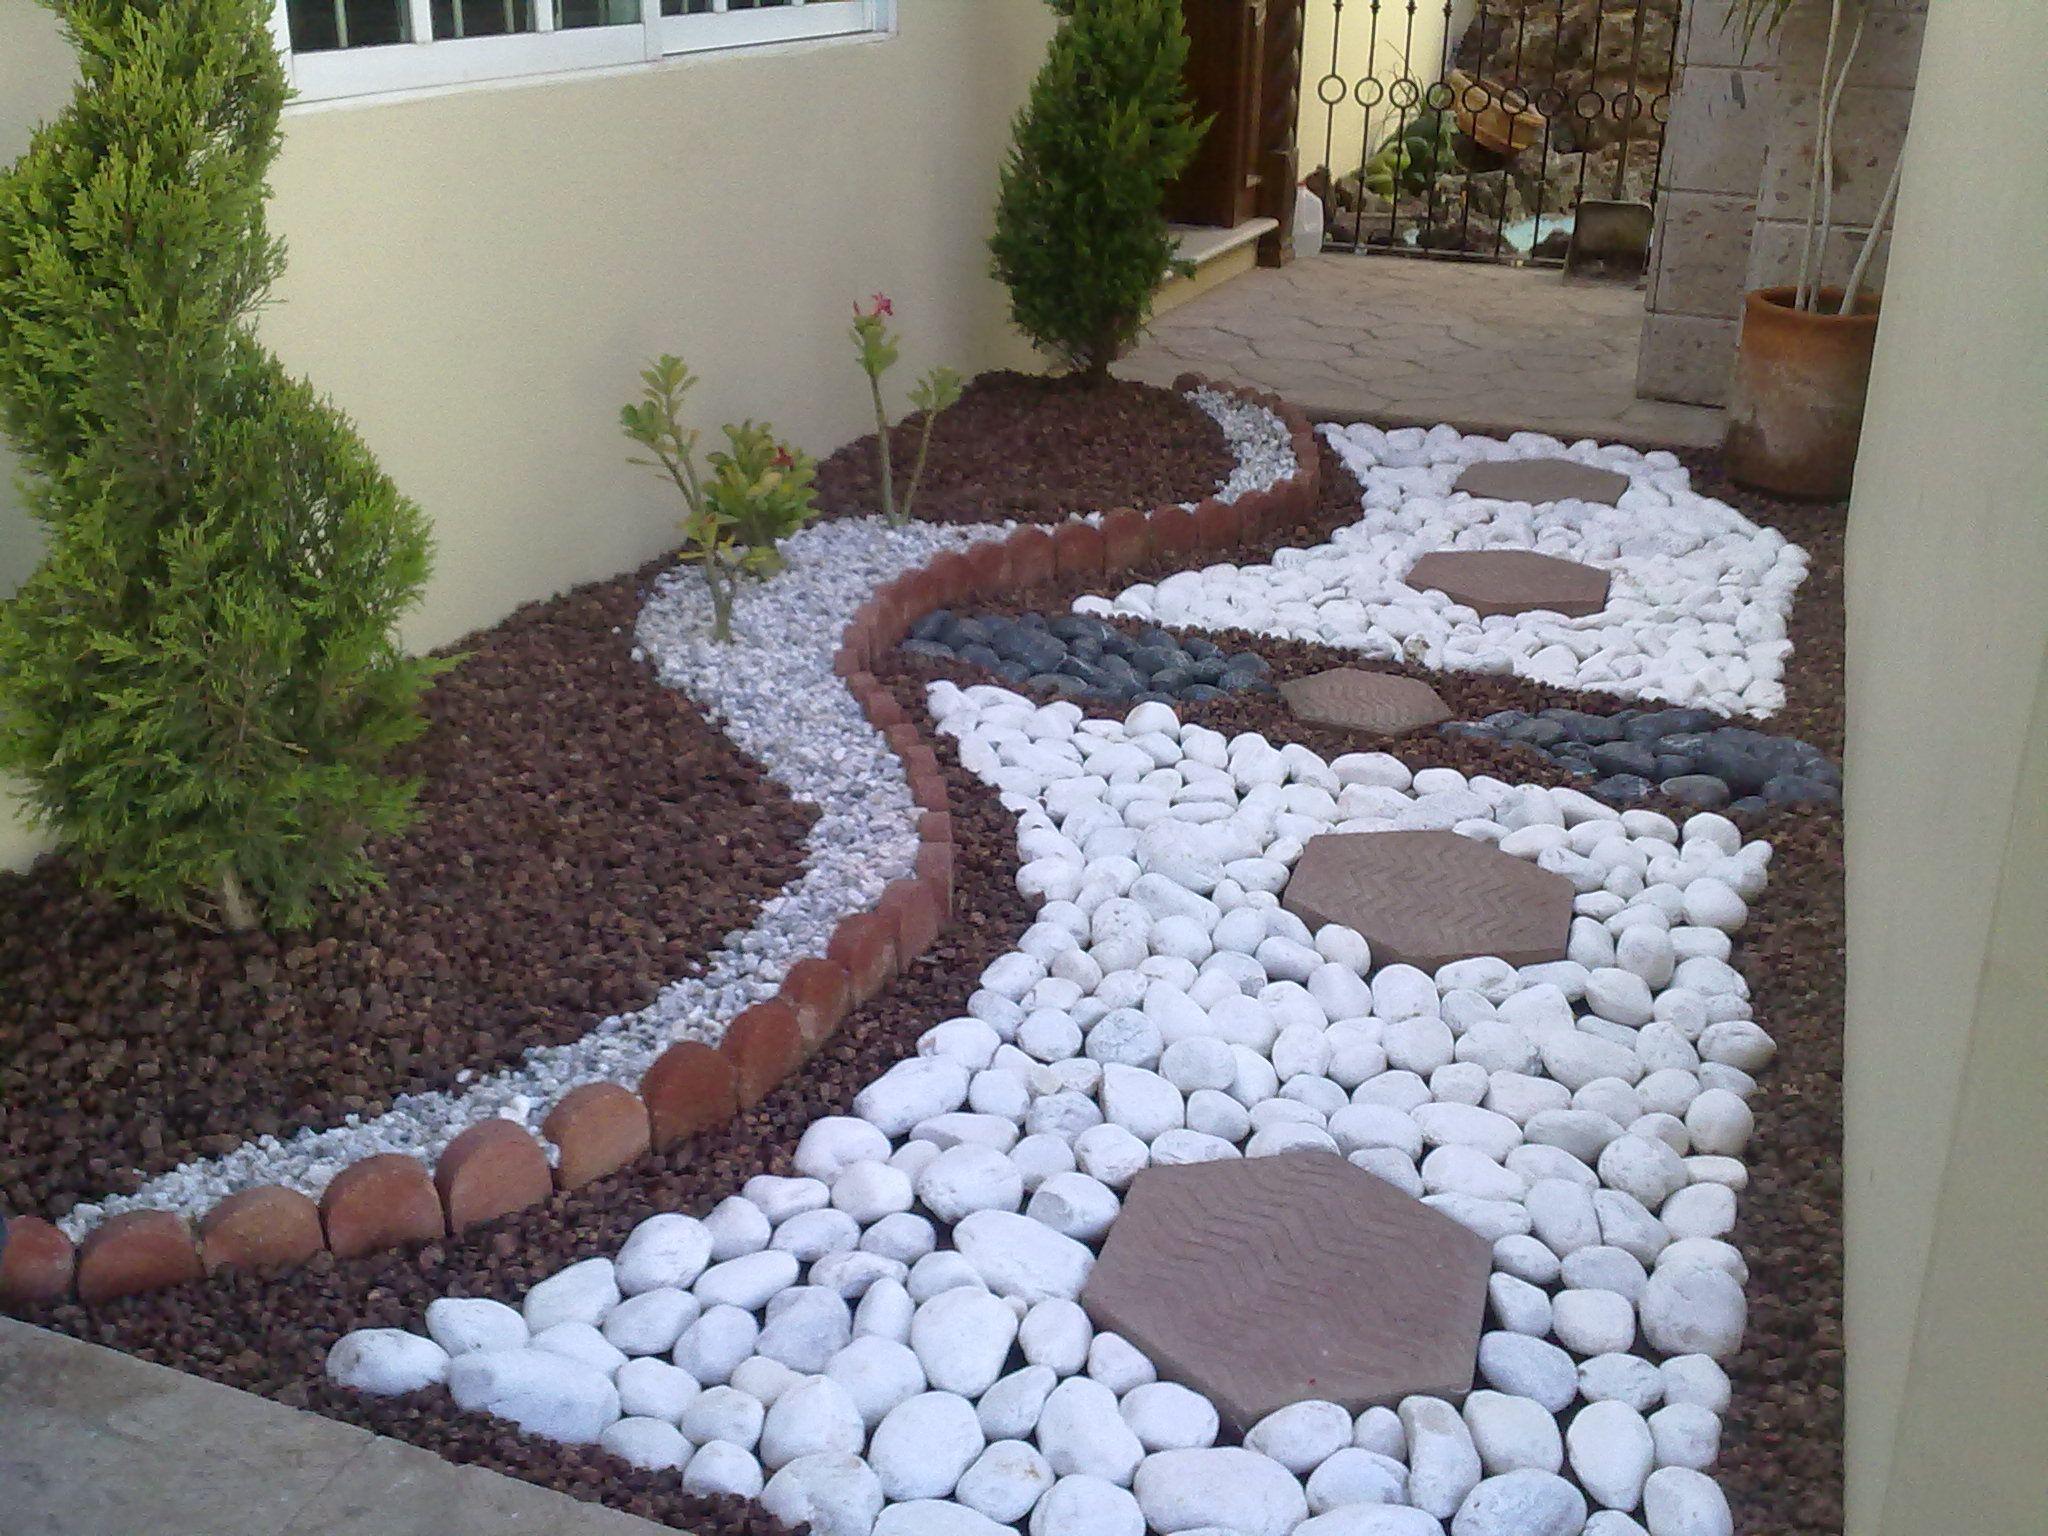 Fotos de dimant dise o y mantenimiento de jardines for Diseno de jardin